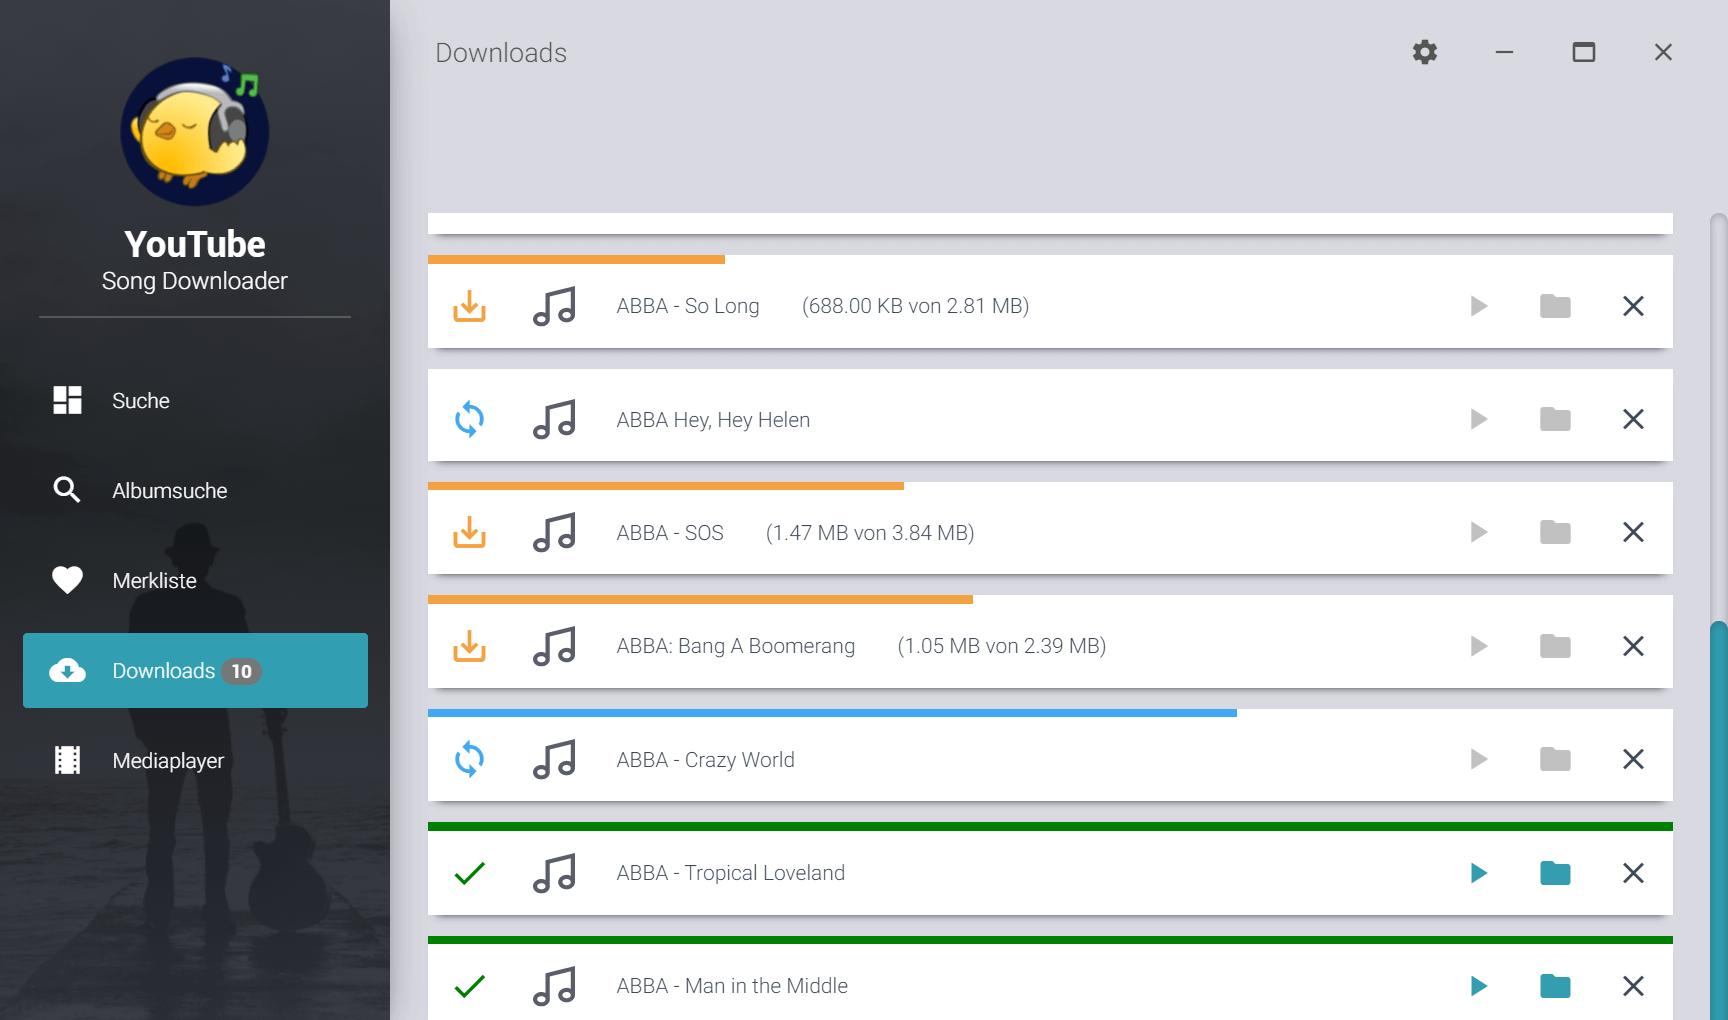 Ganze Alben downloaden - Downloadstatus der einzelnen Songs